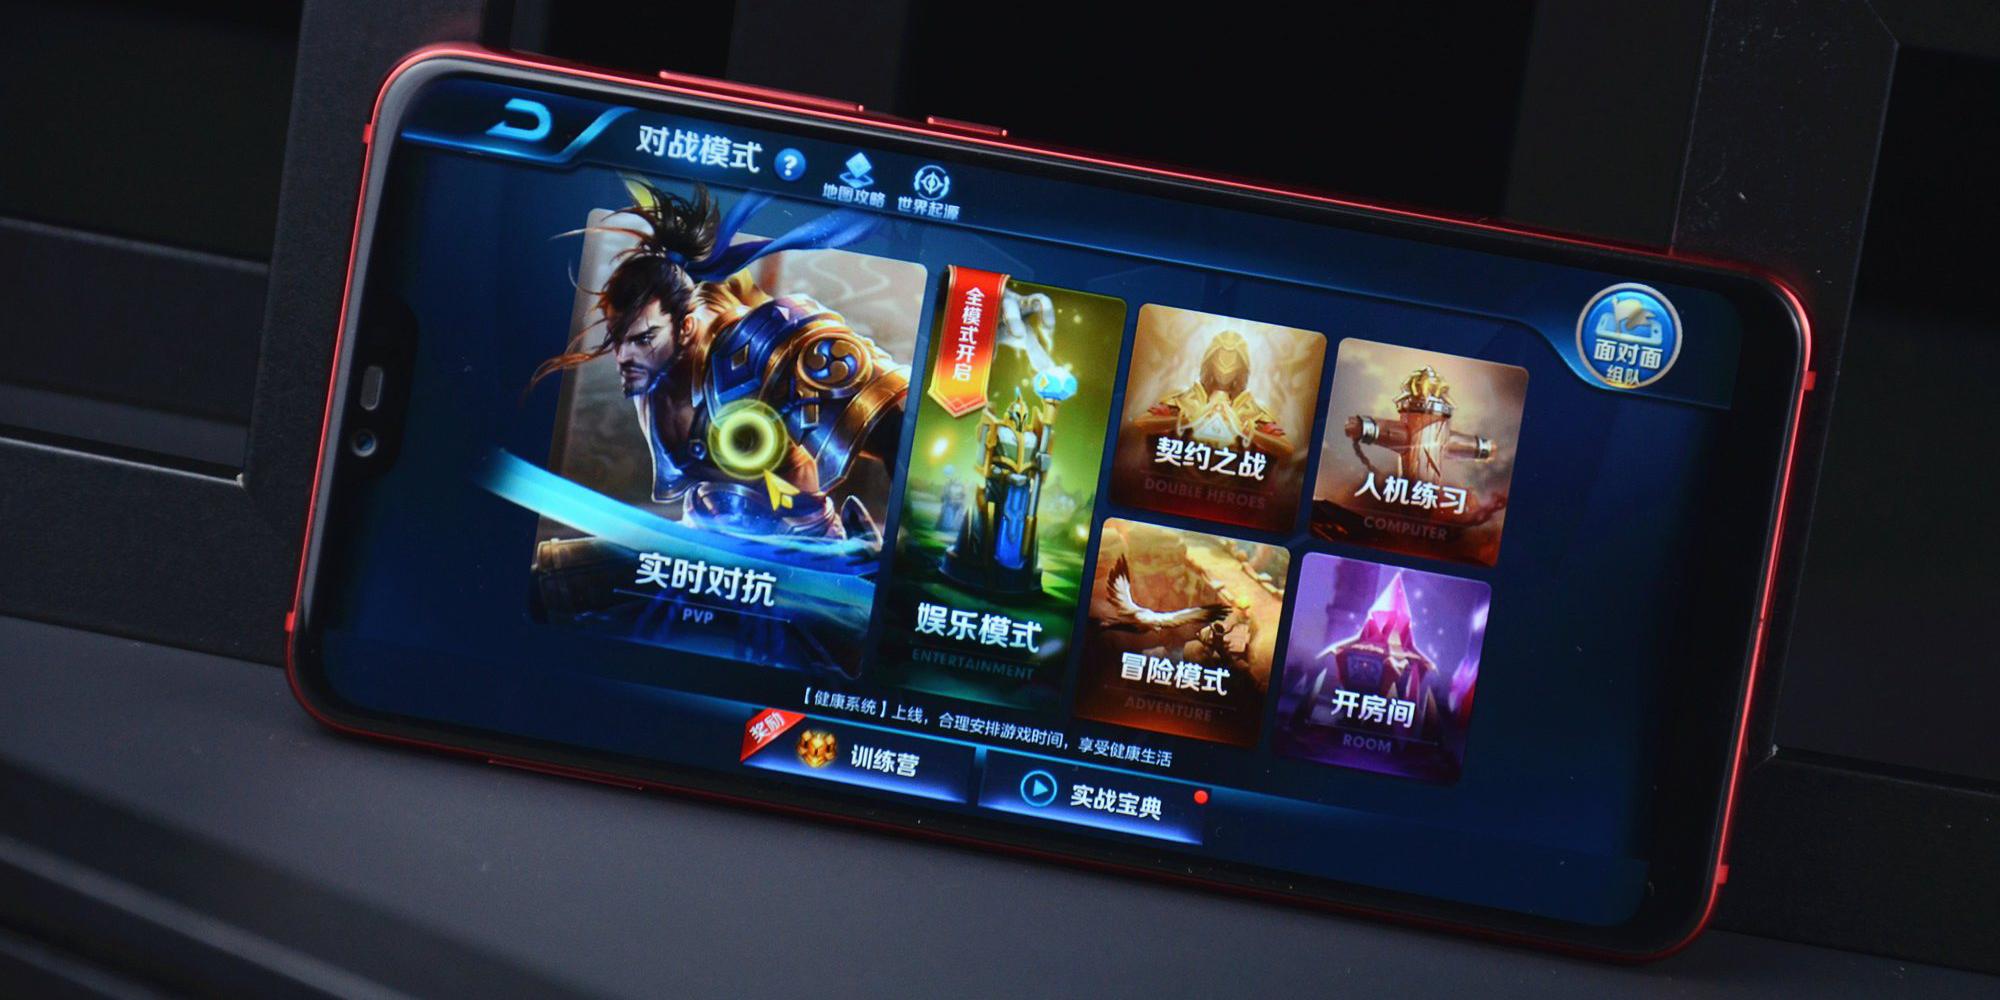 王者荣耀Vulkan版上线 全新游戏版本为什么更加流畅?